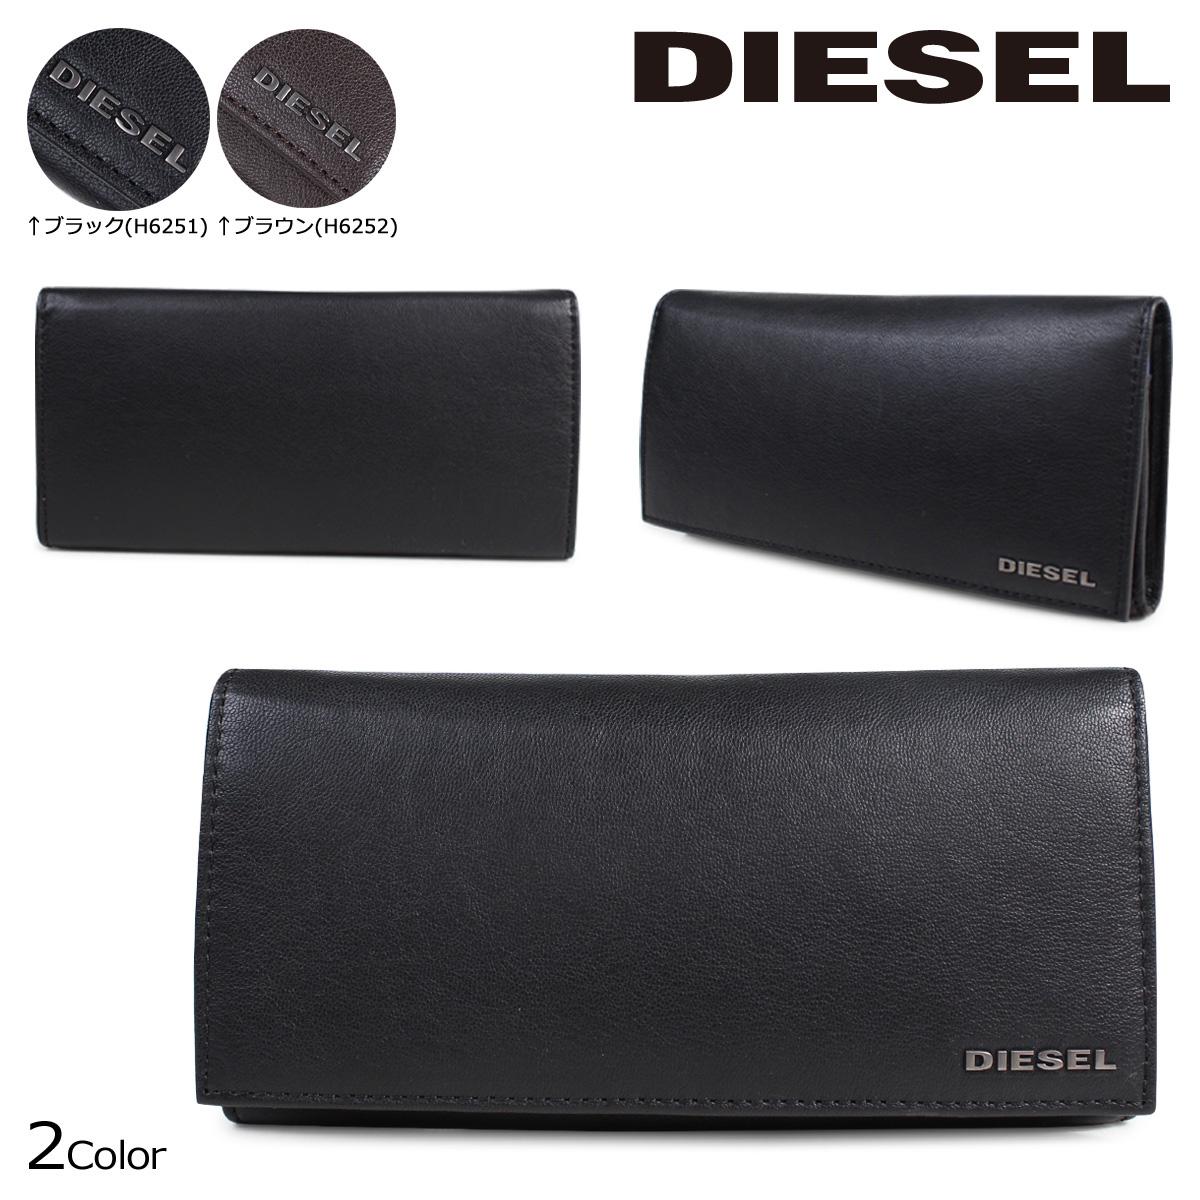 ディーゼル DIESEL 財布 メンズ 長財布 24 A DAY X04457 PR013 2カラー